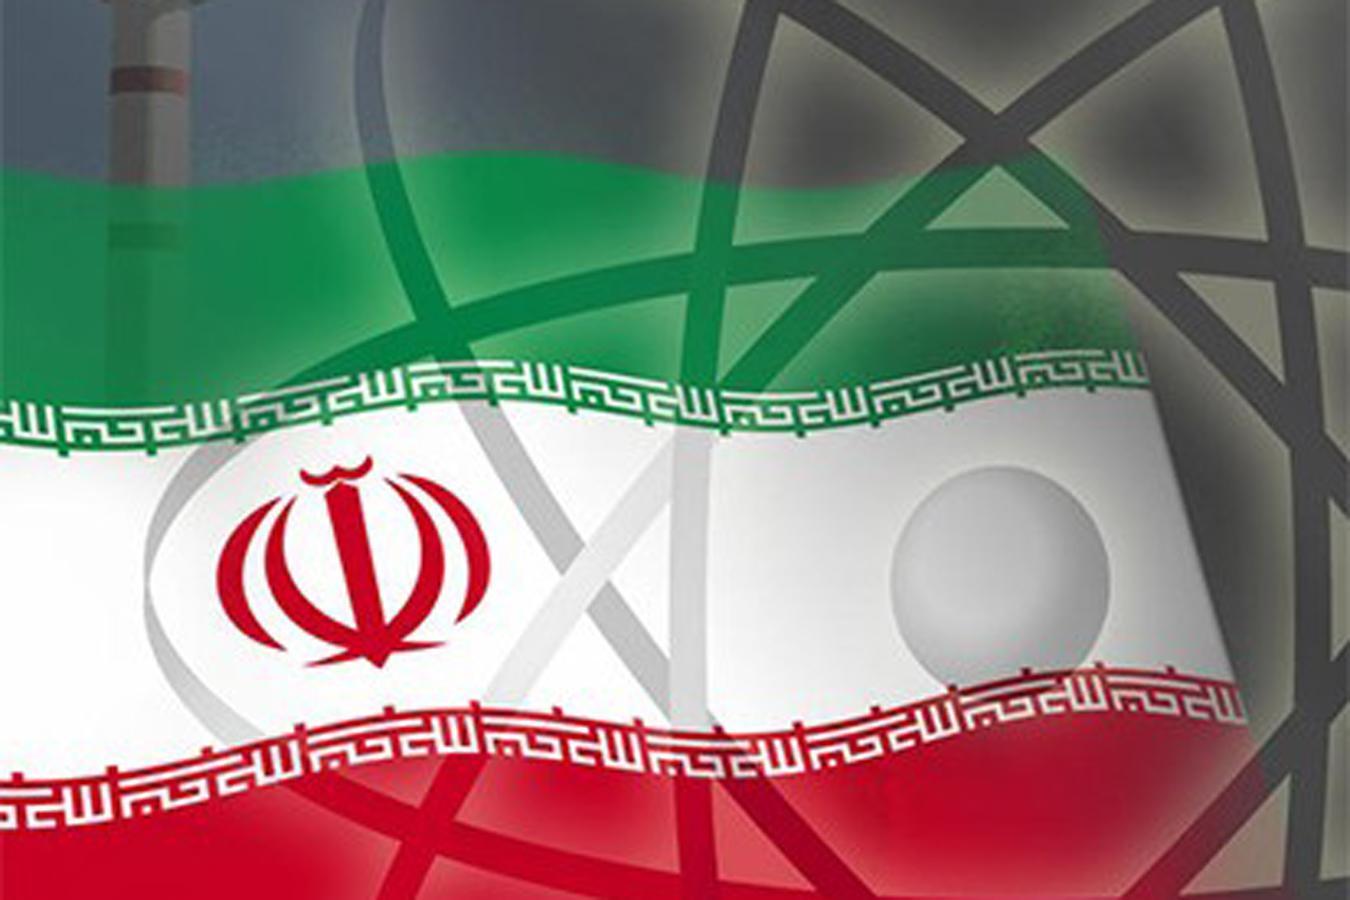 پرونده ایران قبل از برجام، ذیل فصل 7 رفته بود یا نه؟